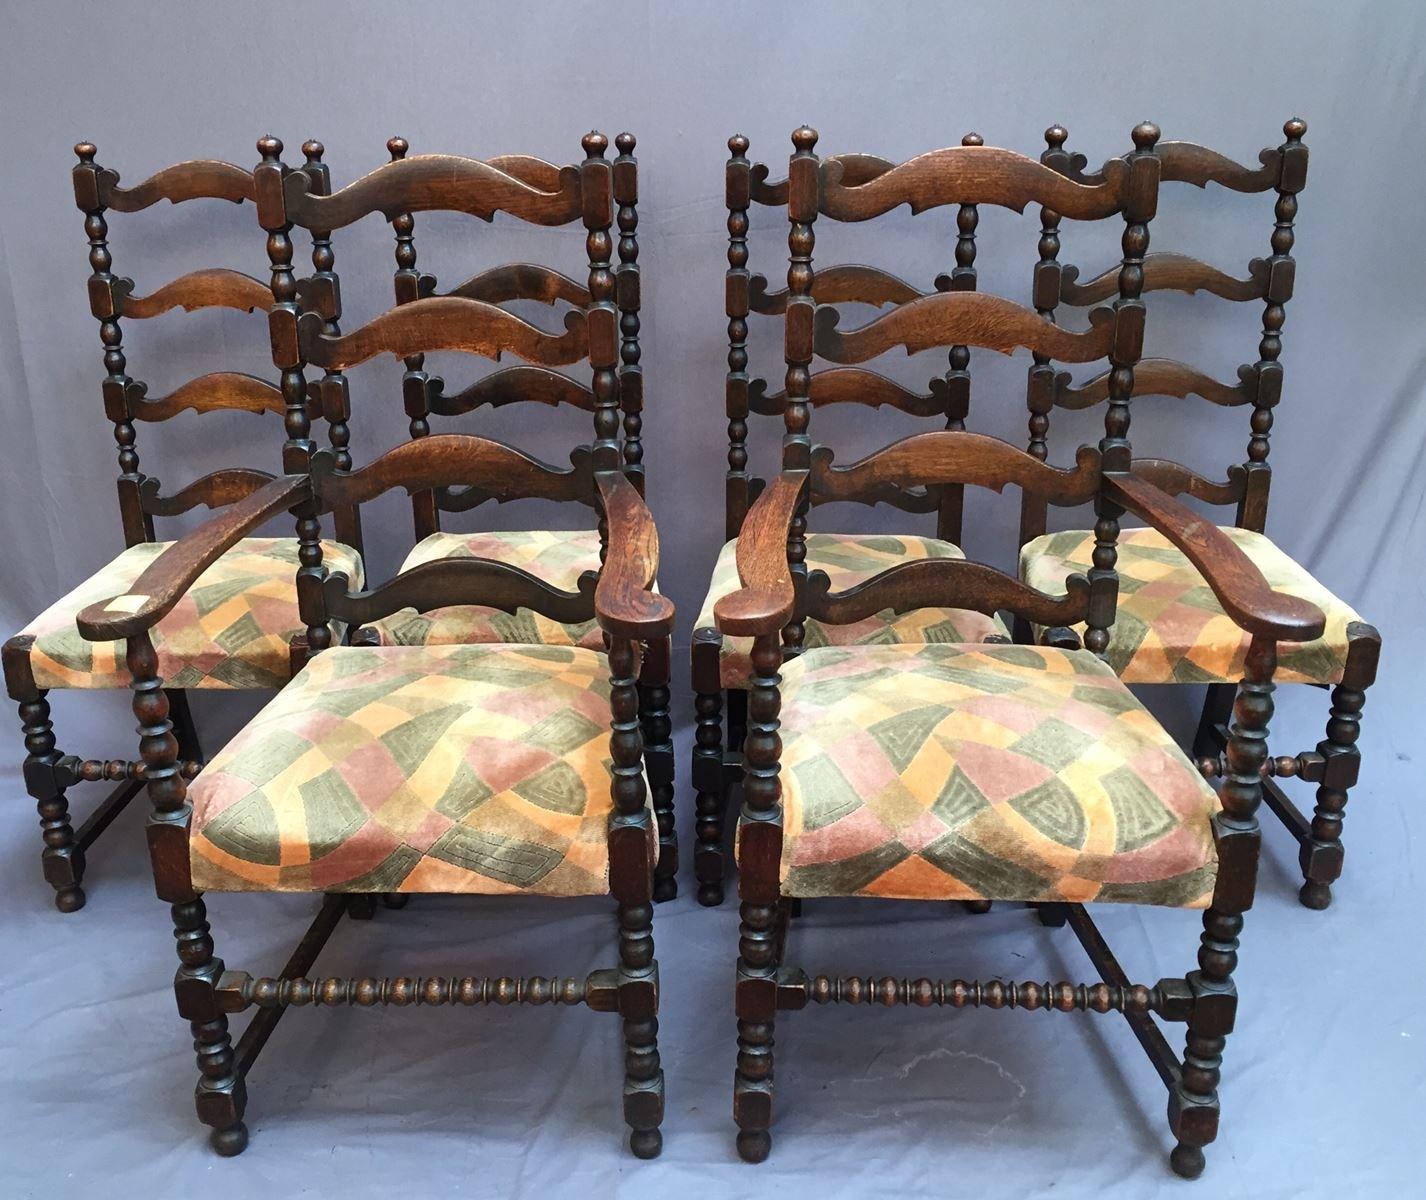 Antique Chairs, Set of 6 - Antique Chairs, Set Of 6 For Sale At Pamono